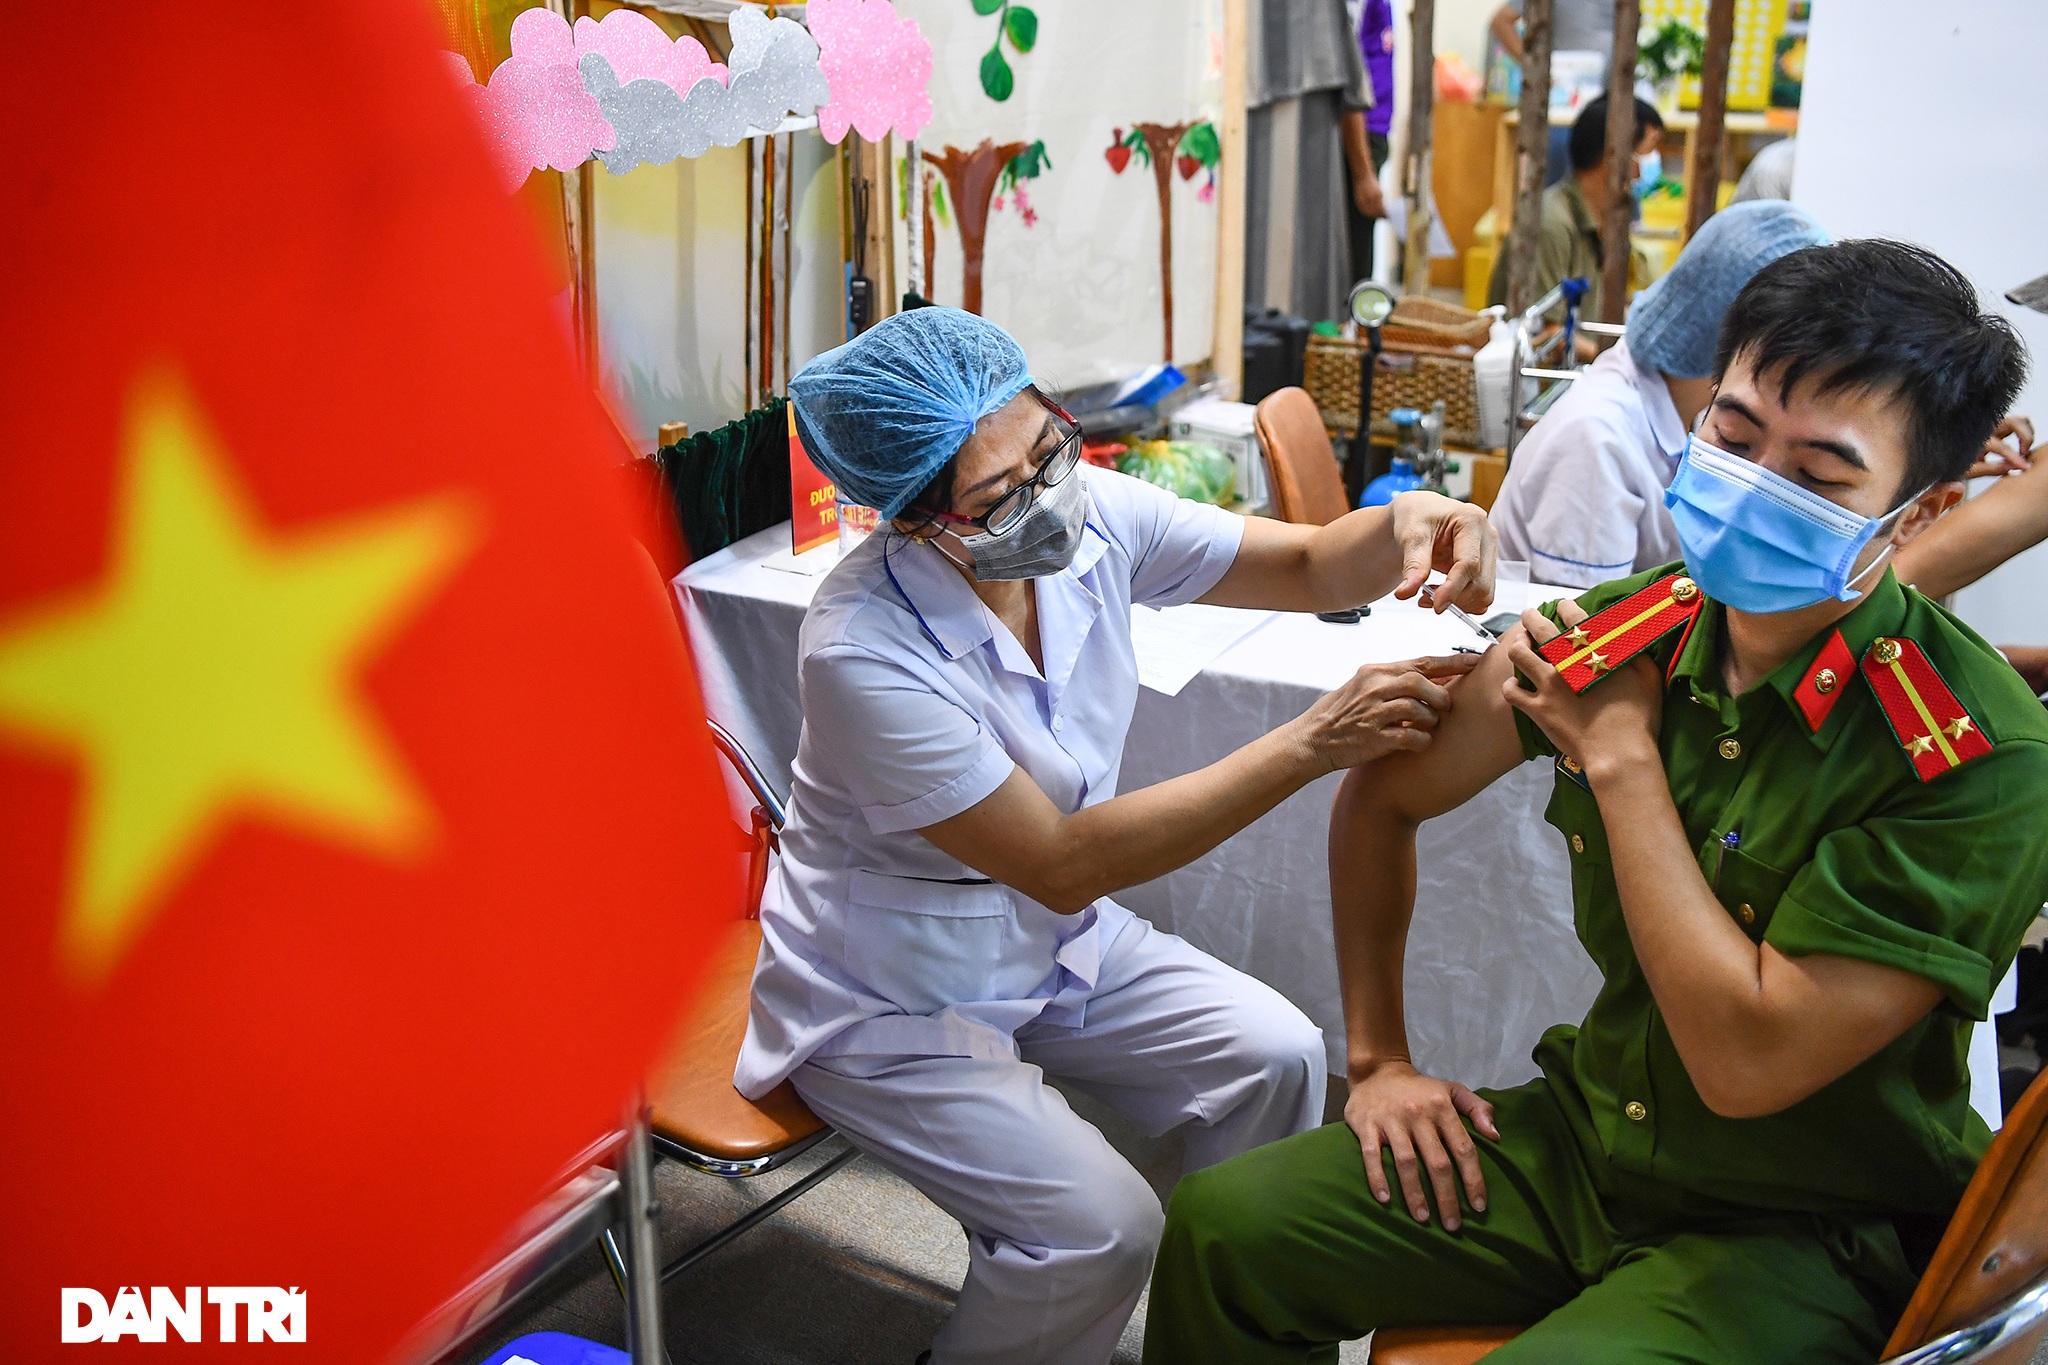 Nhận diện mắt xích Việt Nam và giá trị sức mạnh không thể tính bằng tiền - 12